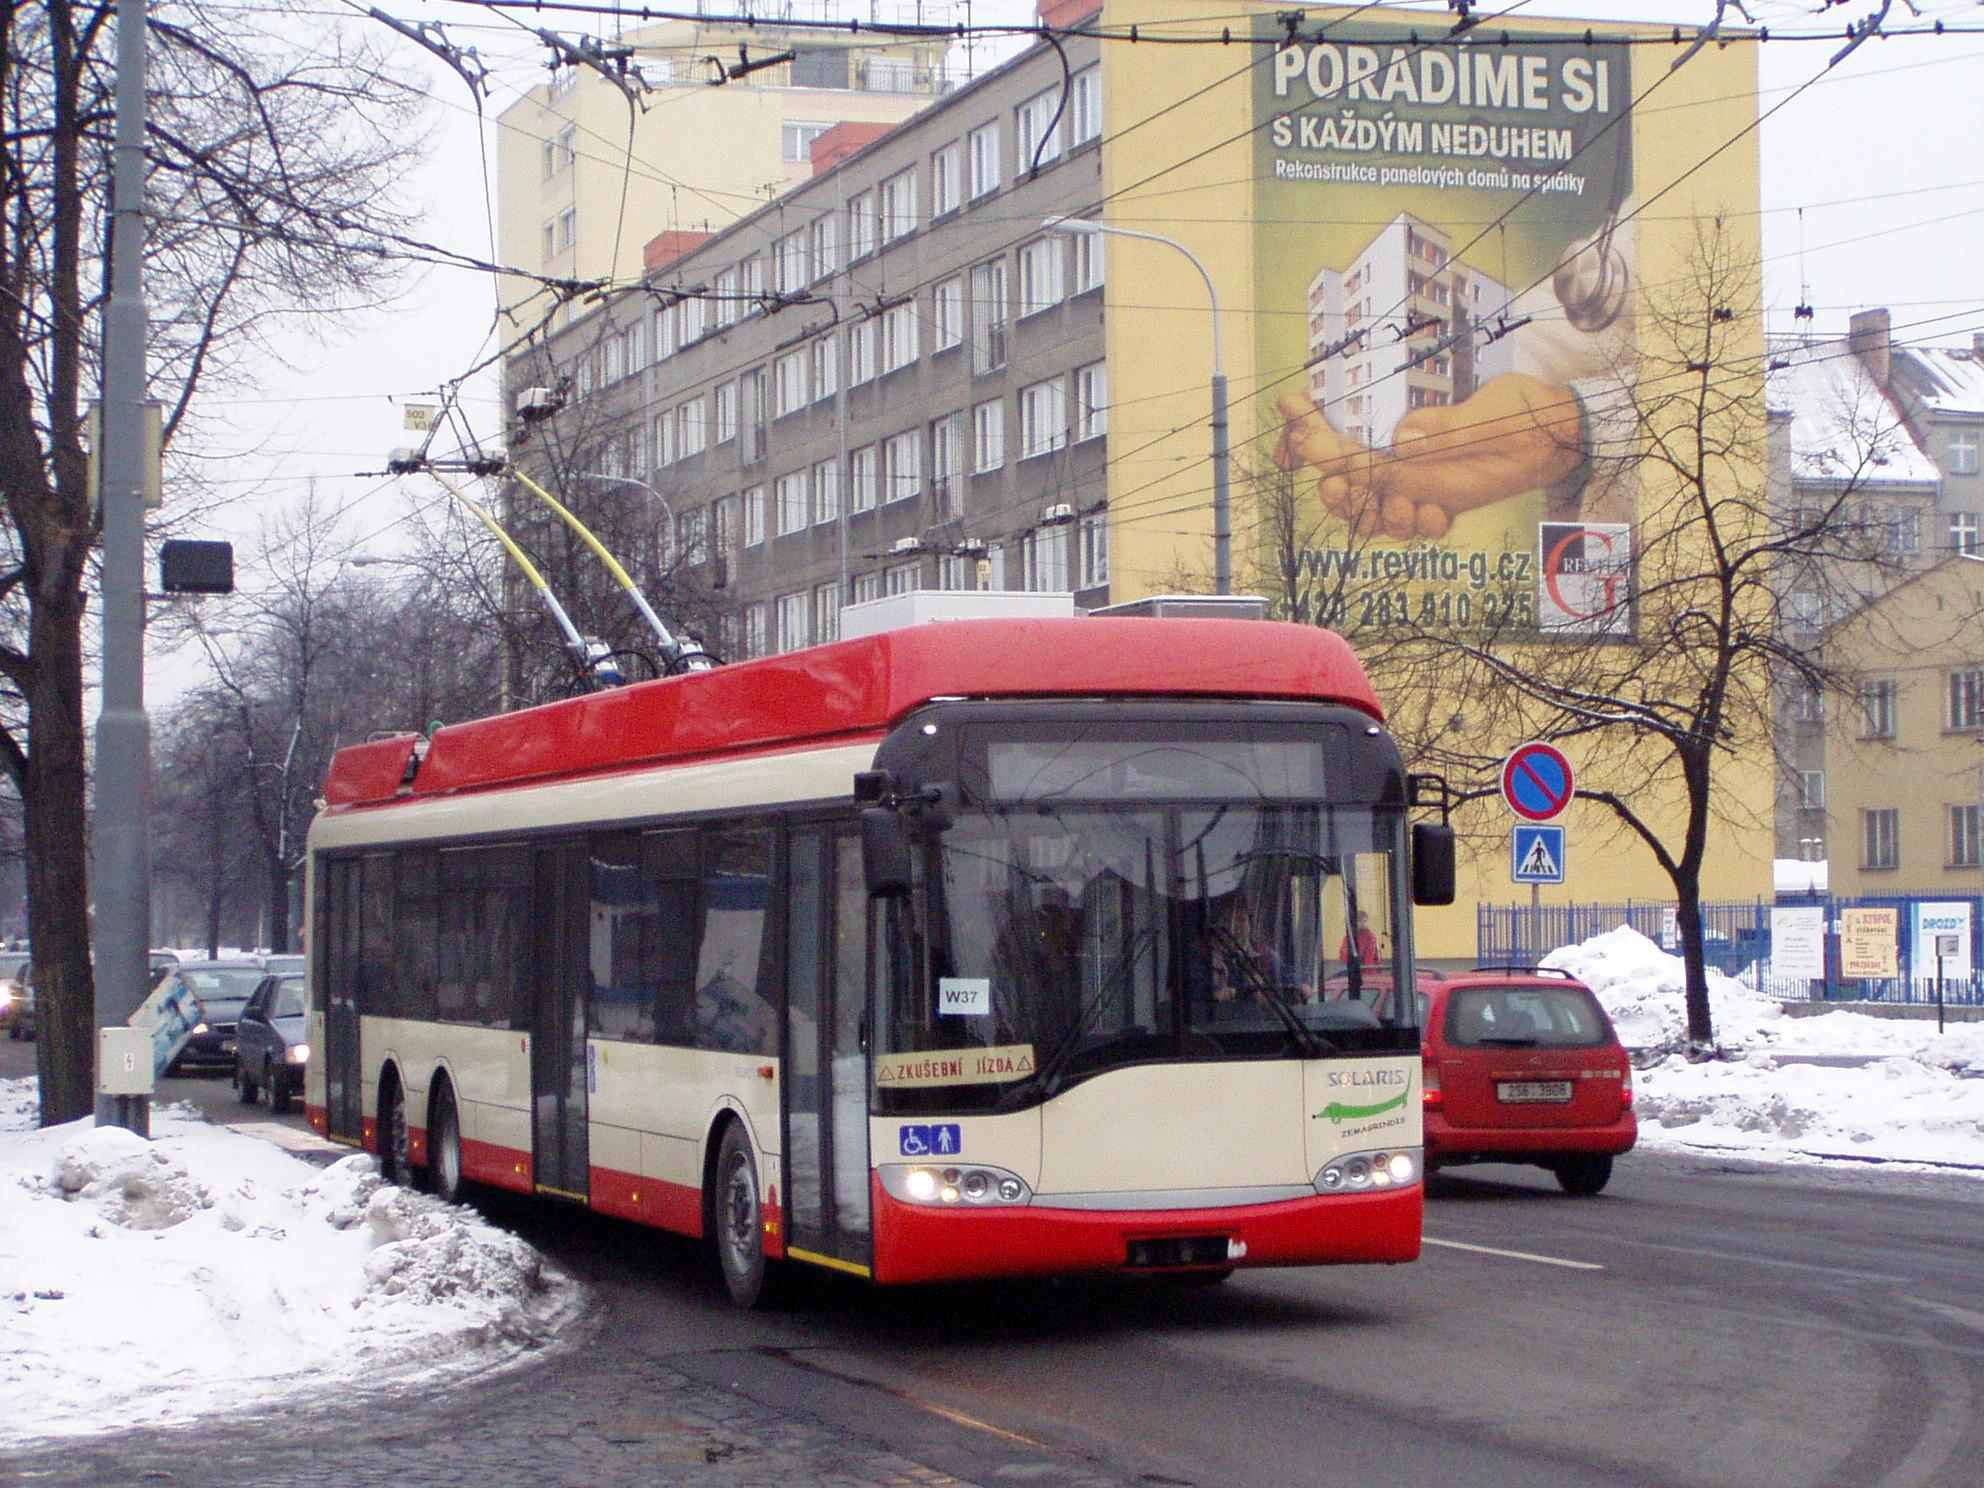 Výroba poslední větší série trolejbusů pro Vilnius probíhala v Ostravě. Na snímku z roku 2006 je zachycen jeden z vozů Solaris Trollino 15 AC vybavený elektrovýzbrojí od firmy Cegelec. (foto: Libor Hinčica)